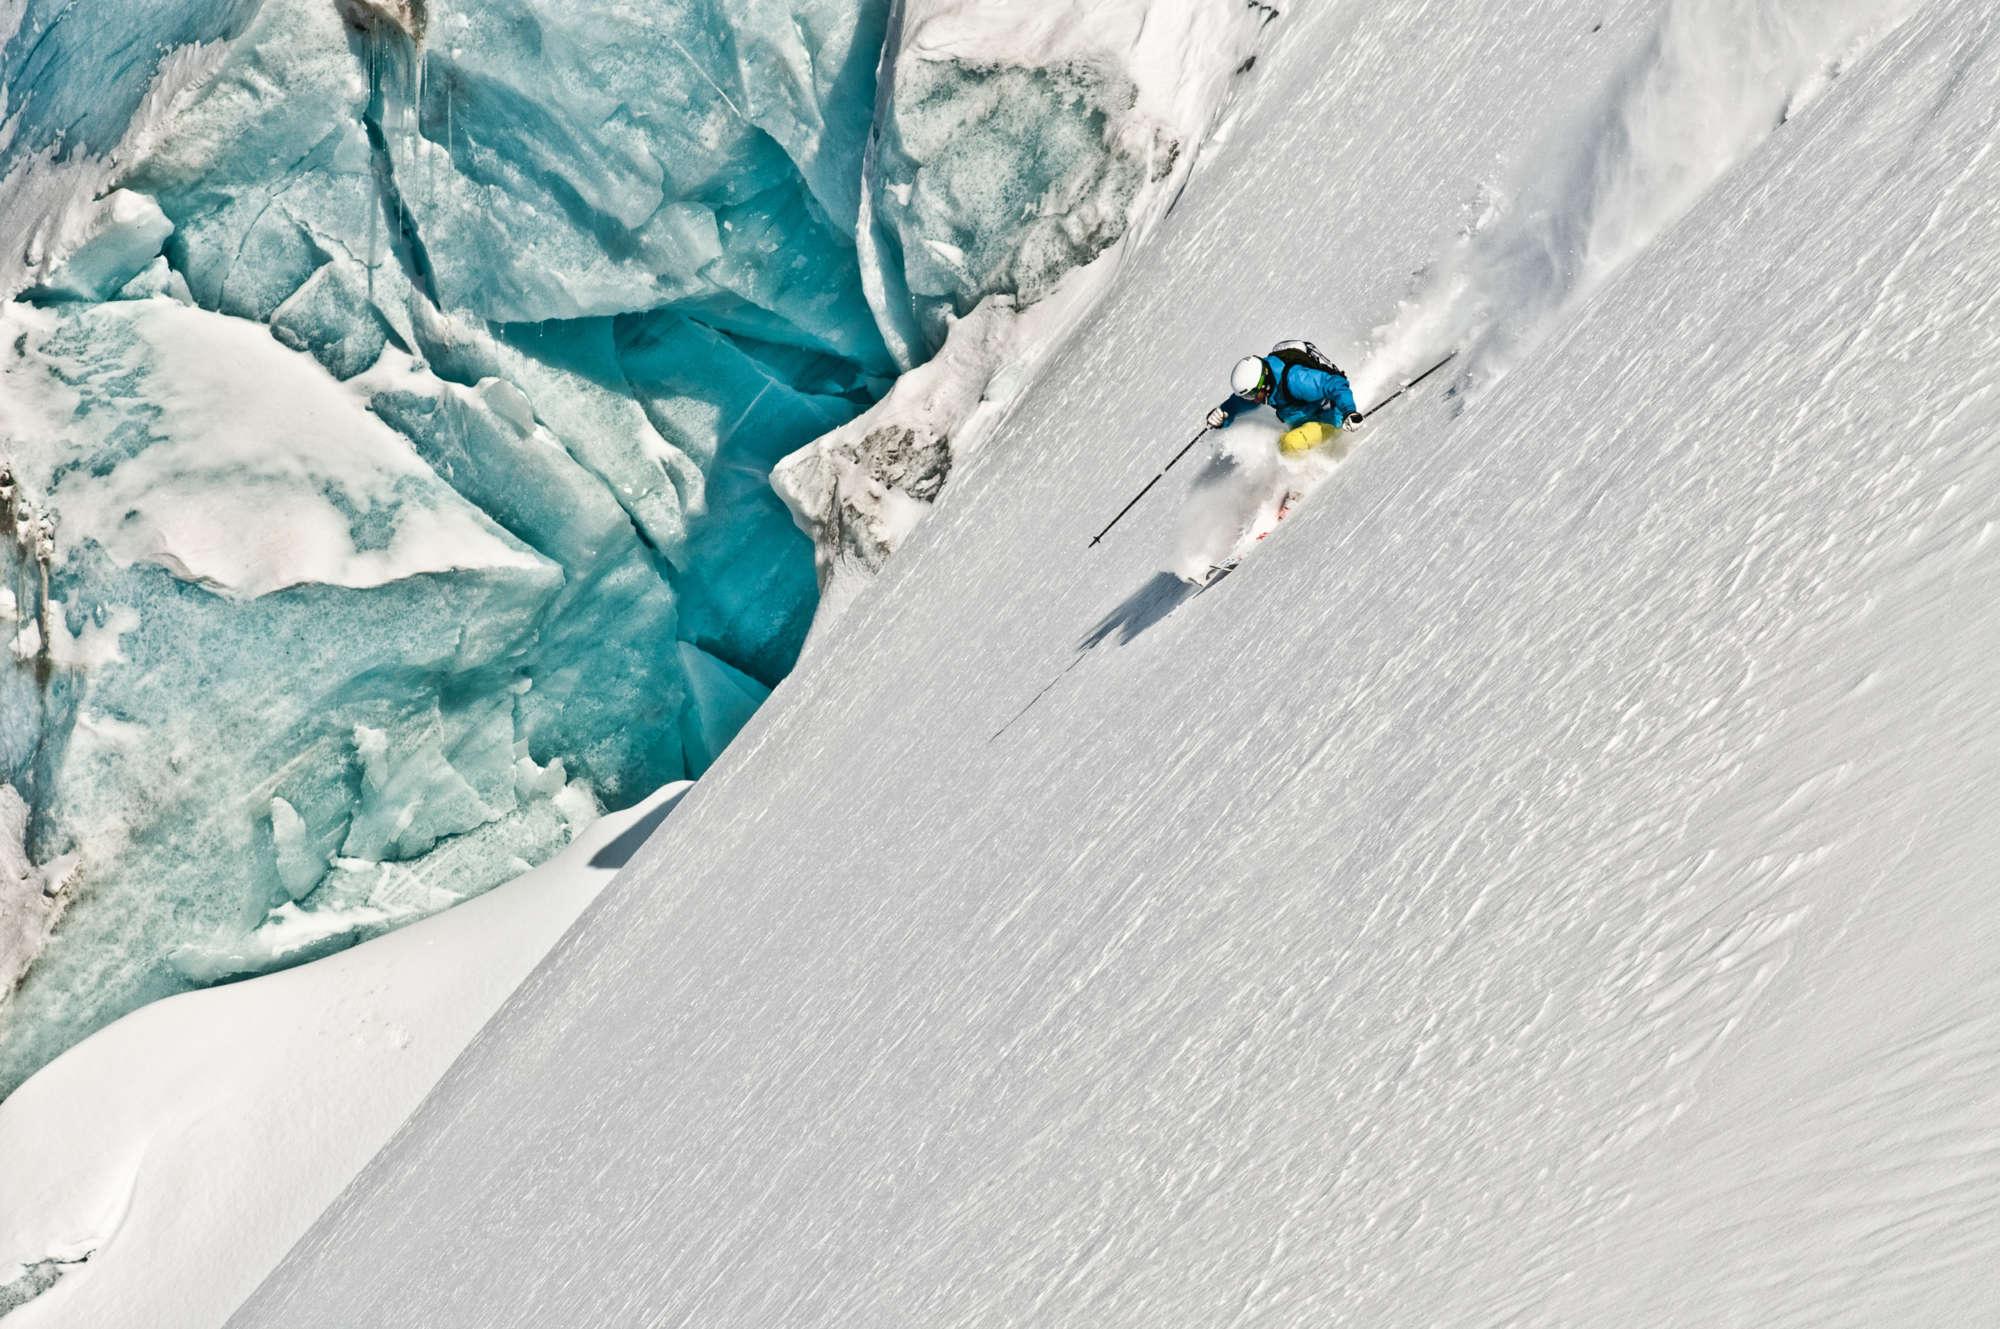 glacier skiing in Canada